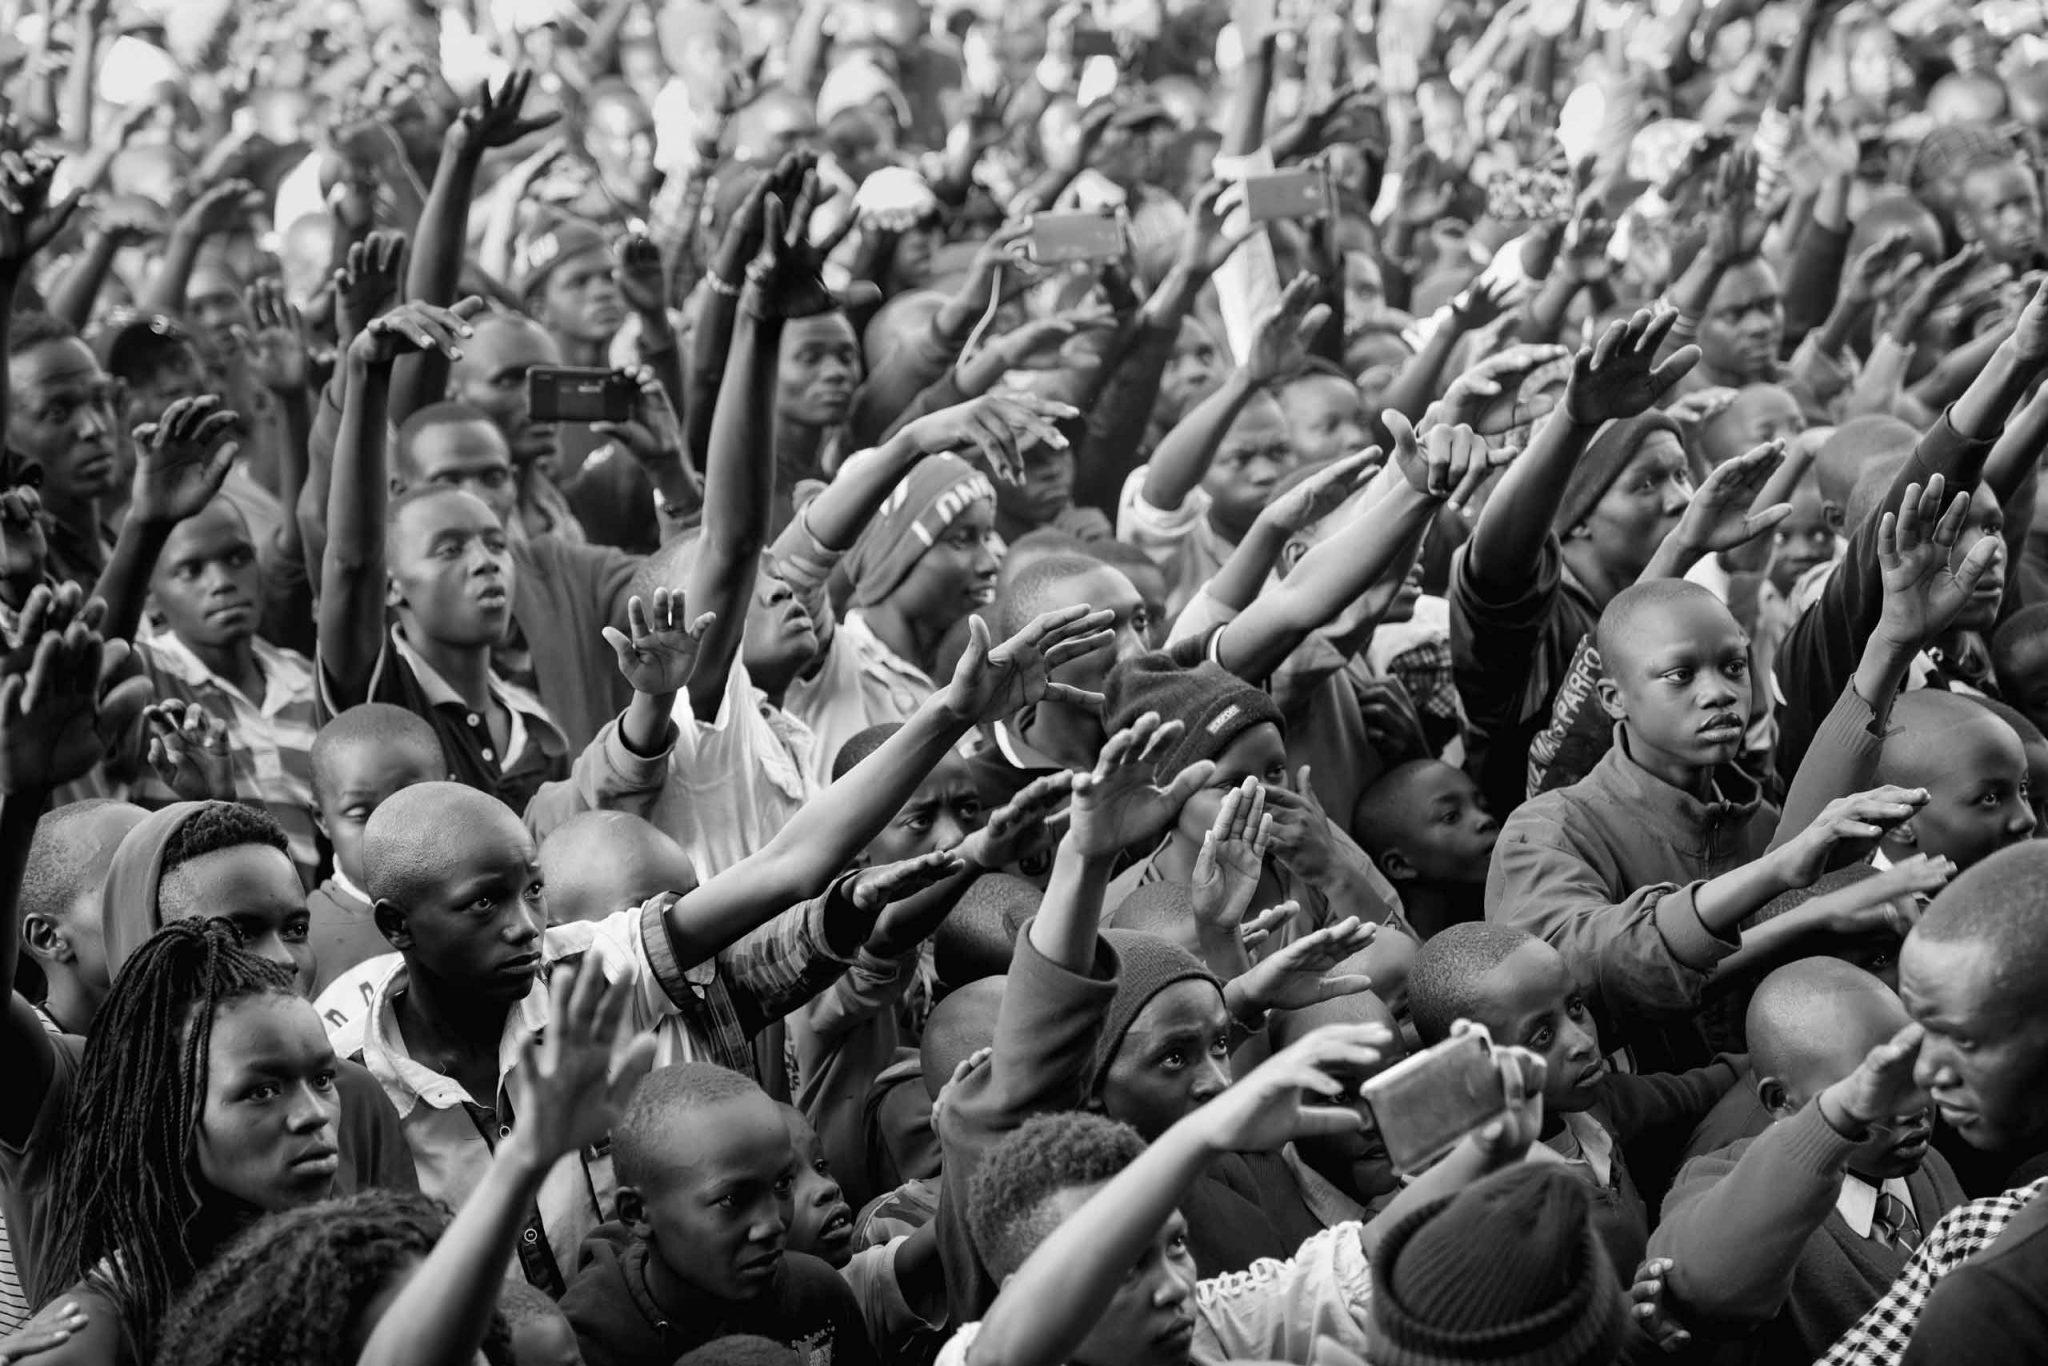 Ilsoo_van_Dijk_Ilsoovandijk_Kenya_The_Raindance_Project_2019_17